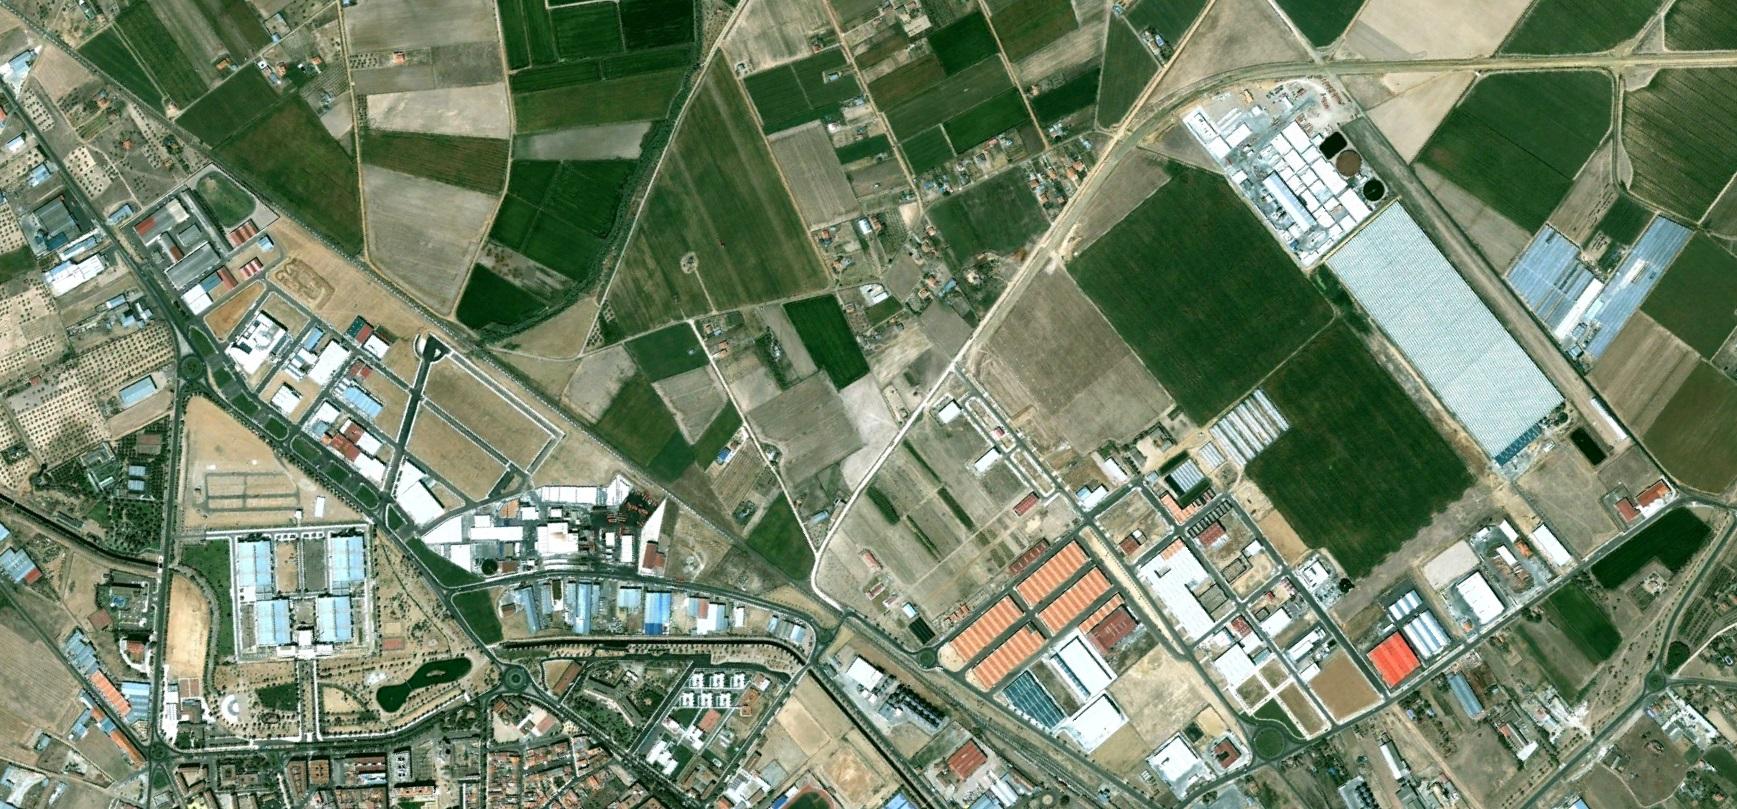 antes, urbanismo, foto aérea, desastre, urbanístico, planeamiento, urbano, construcción, Don Benito, Badajoz